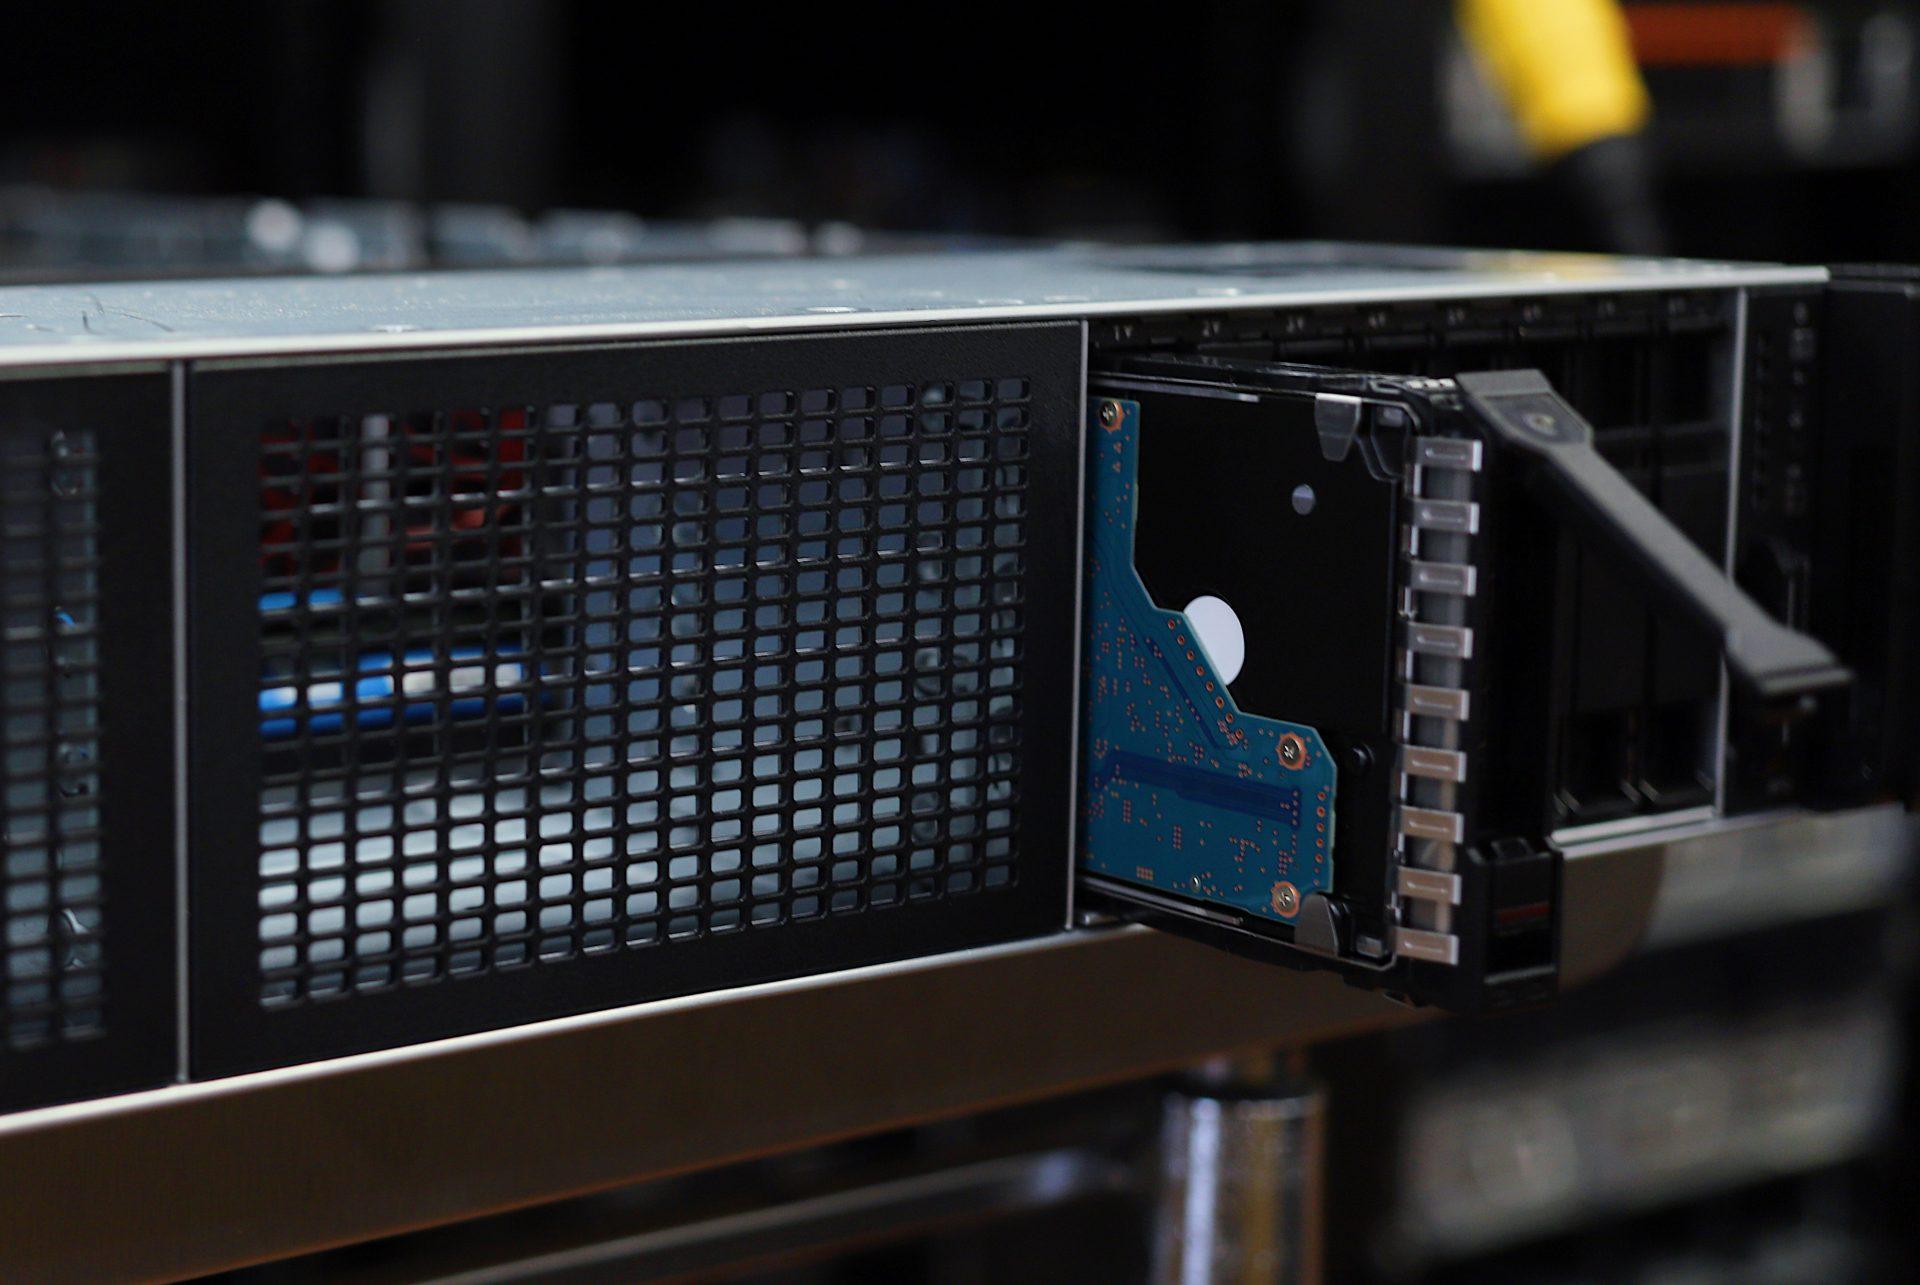 HPE ProLiant DL385 Gen10 Plus V2 drive